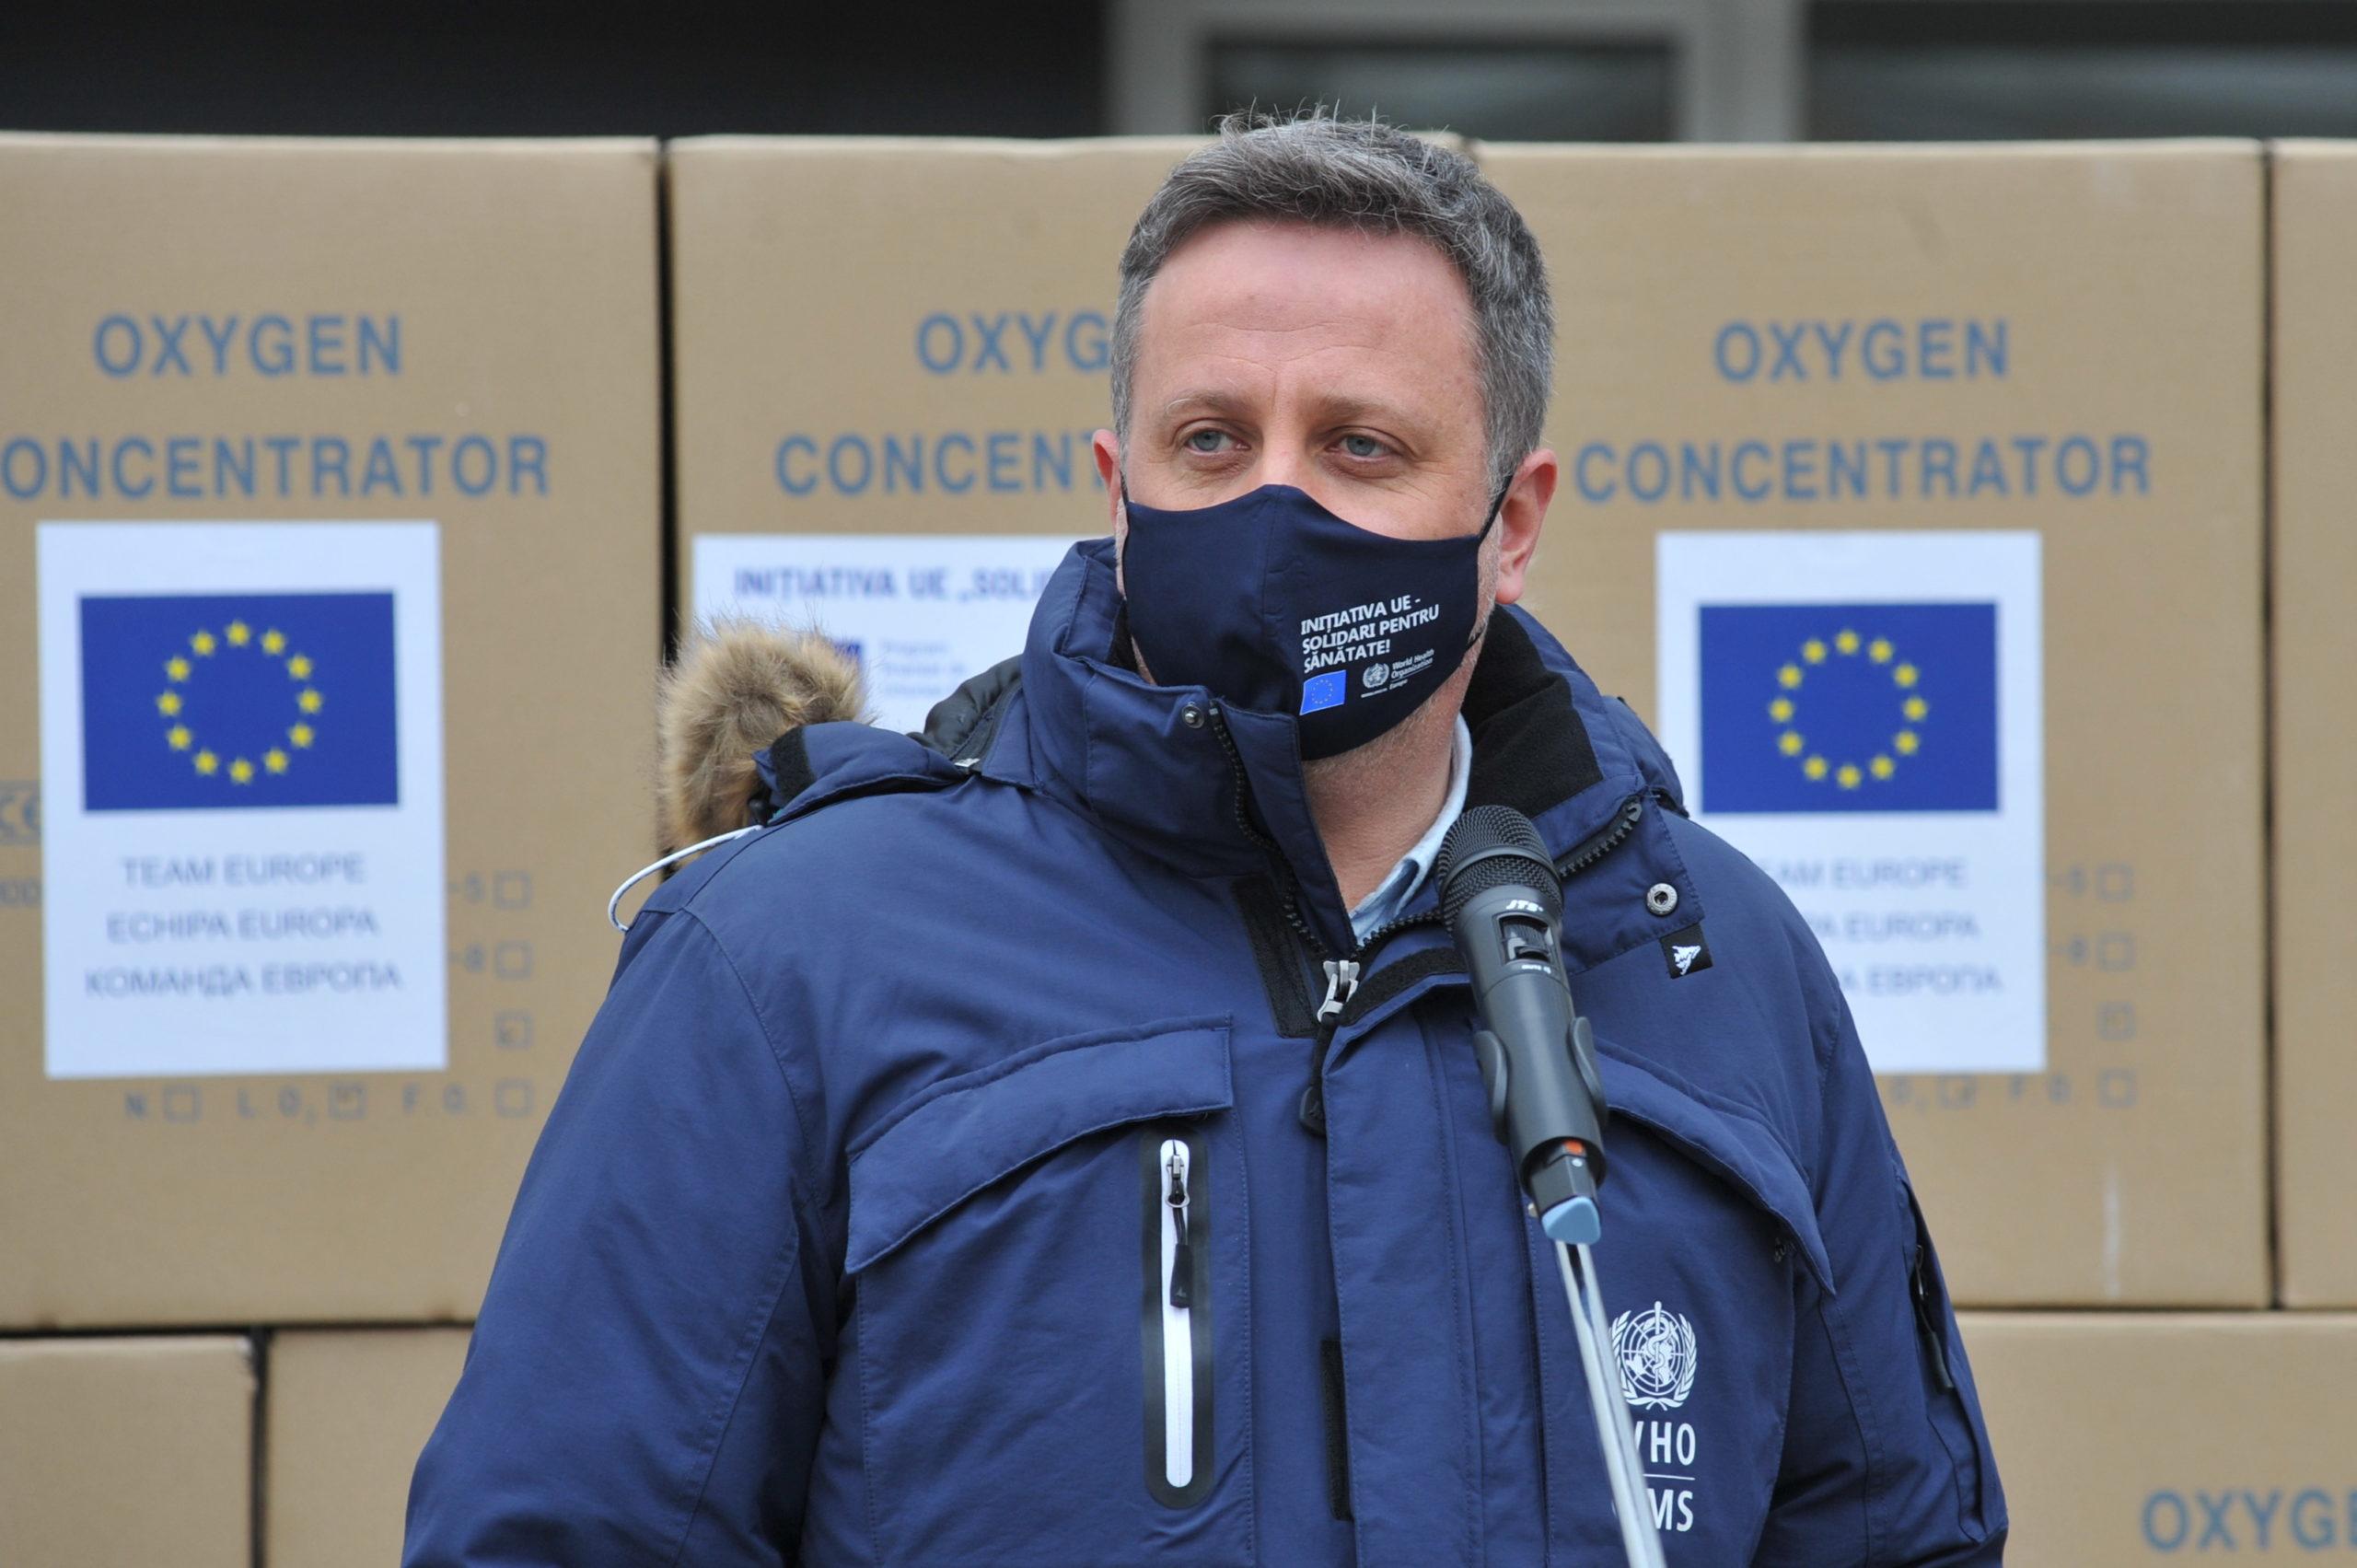 ЕС и ВОЗ предоставили Молдове оборудование для лечения пациентов с коронавирусом (ФОТО)